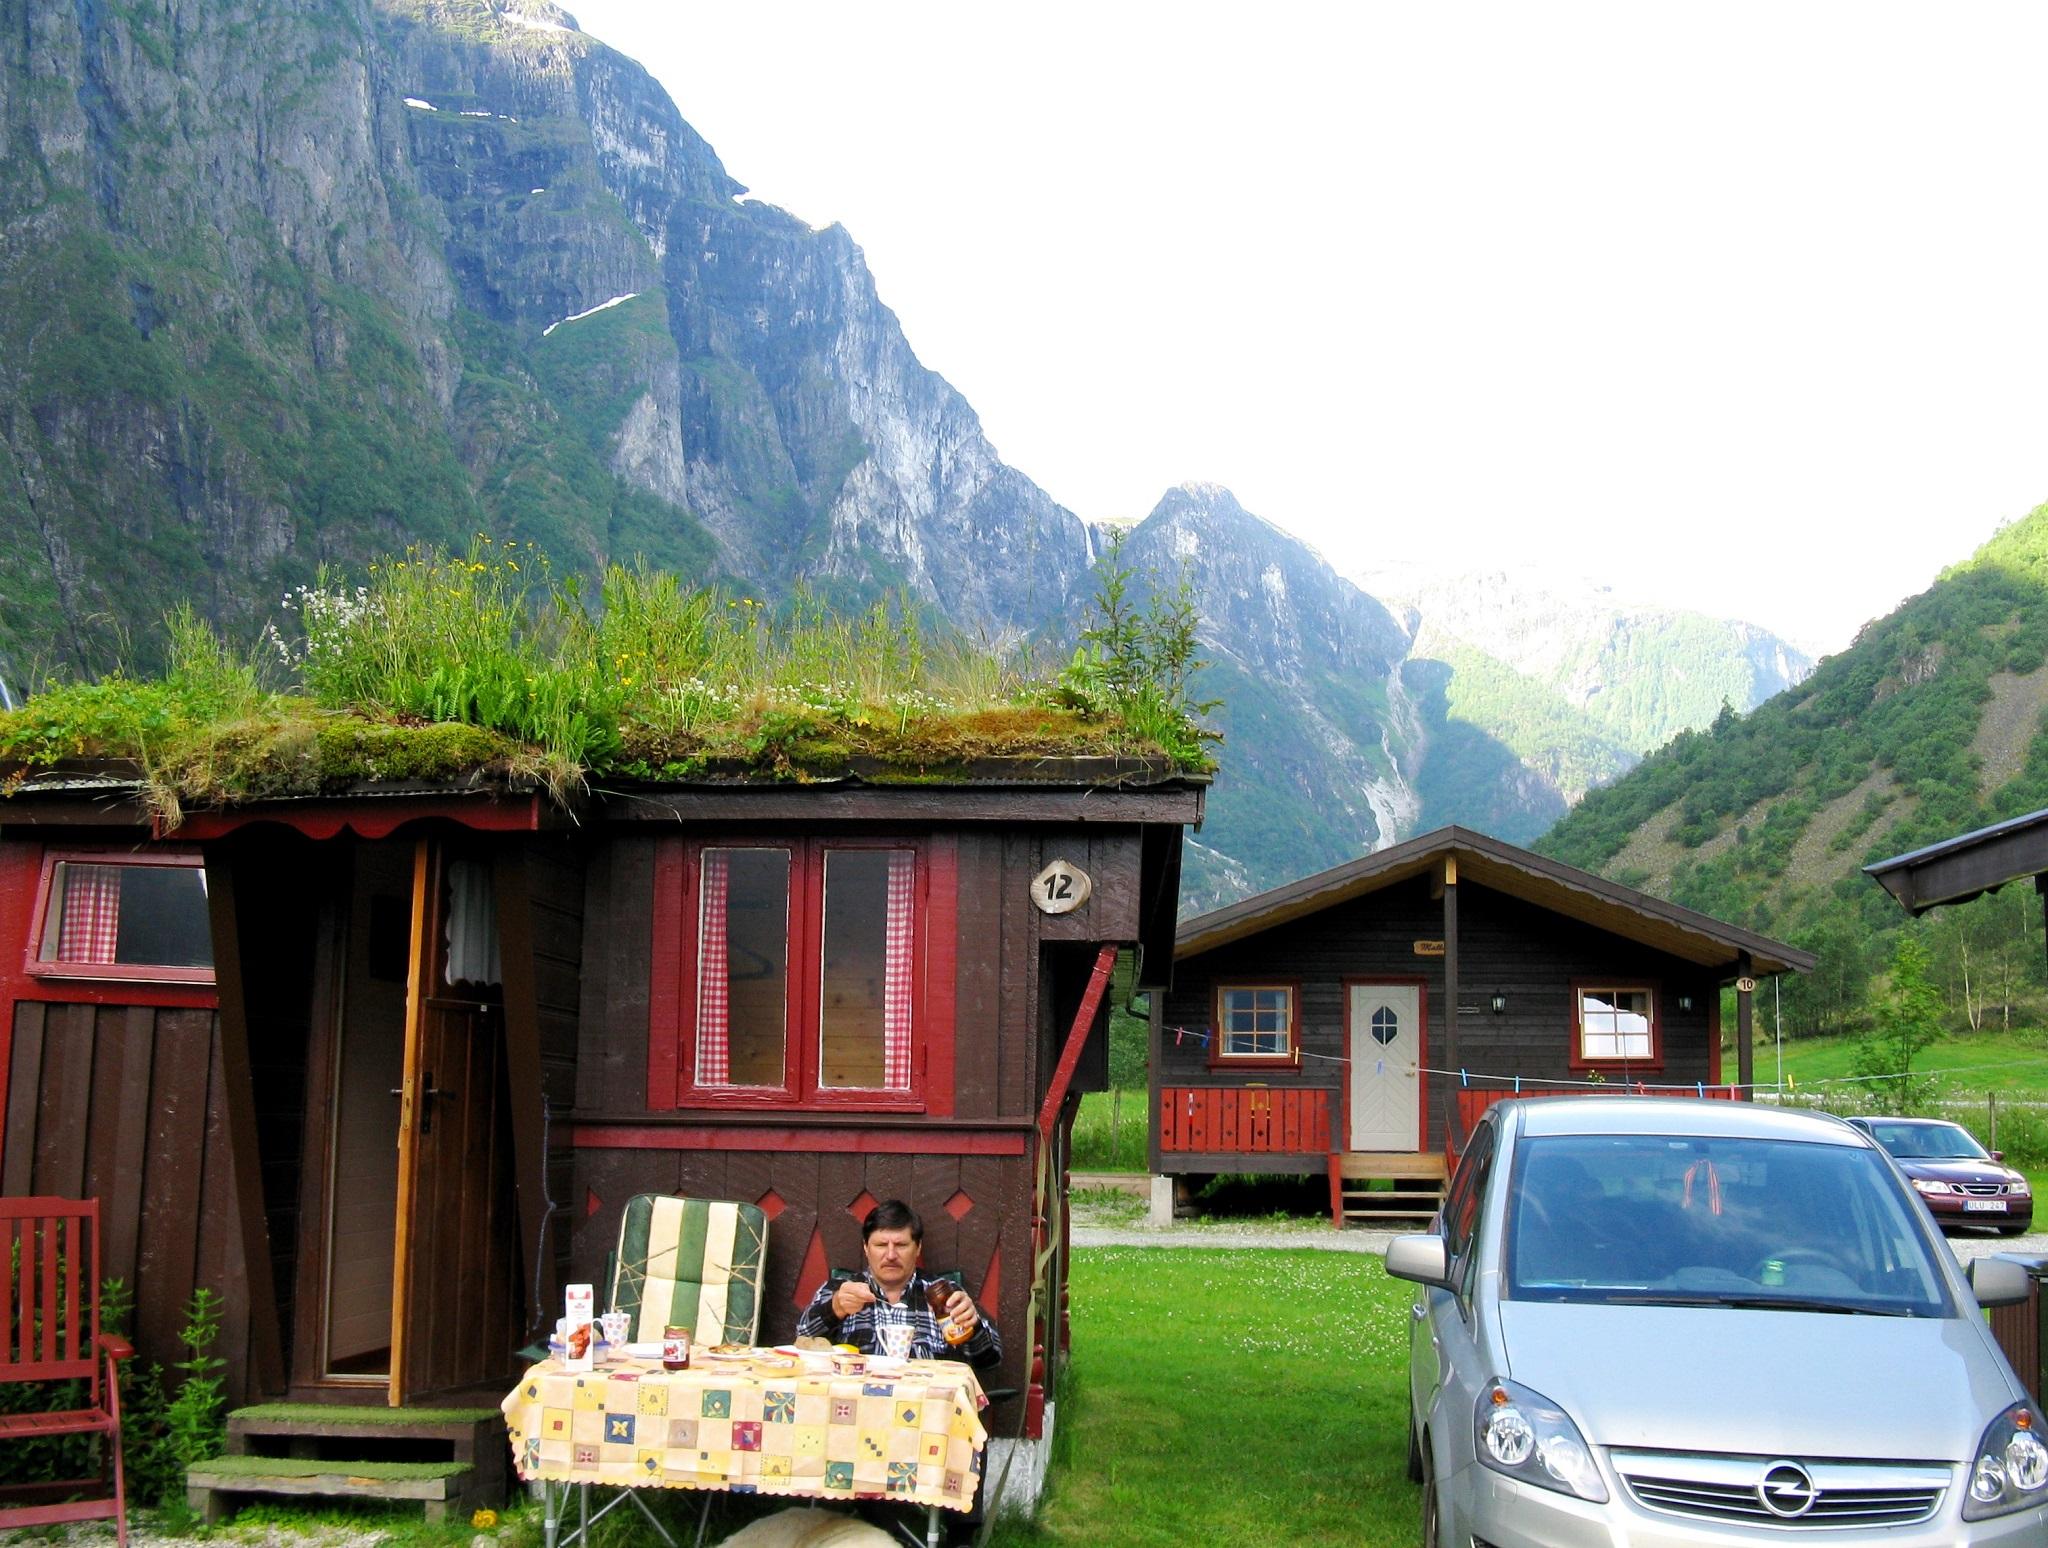 дешевое жилье в норвегии